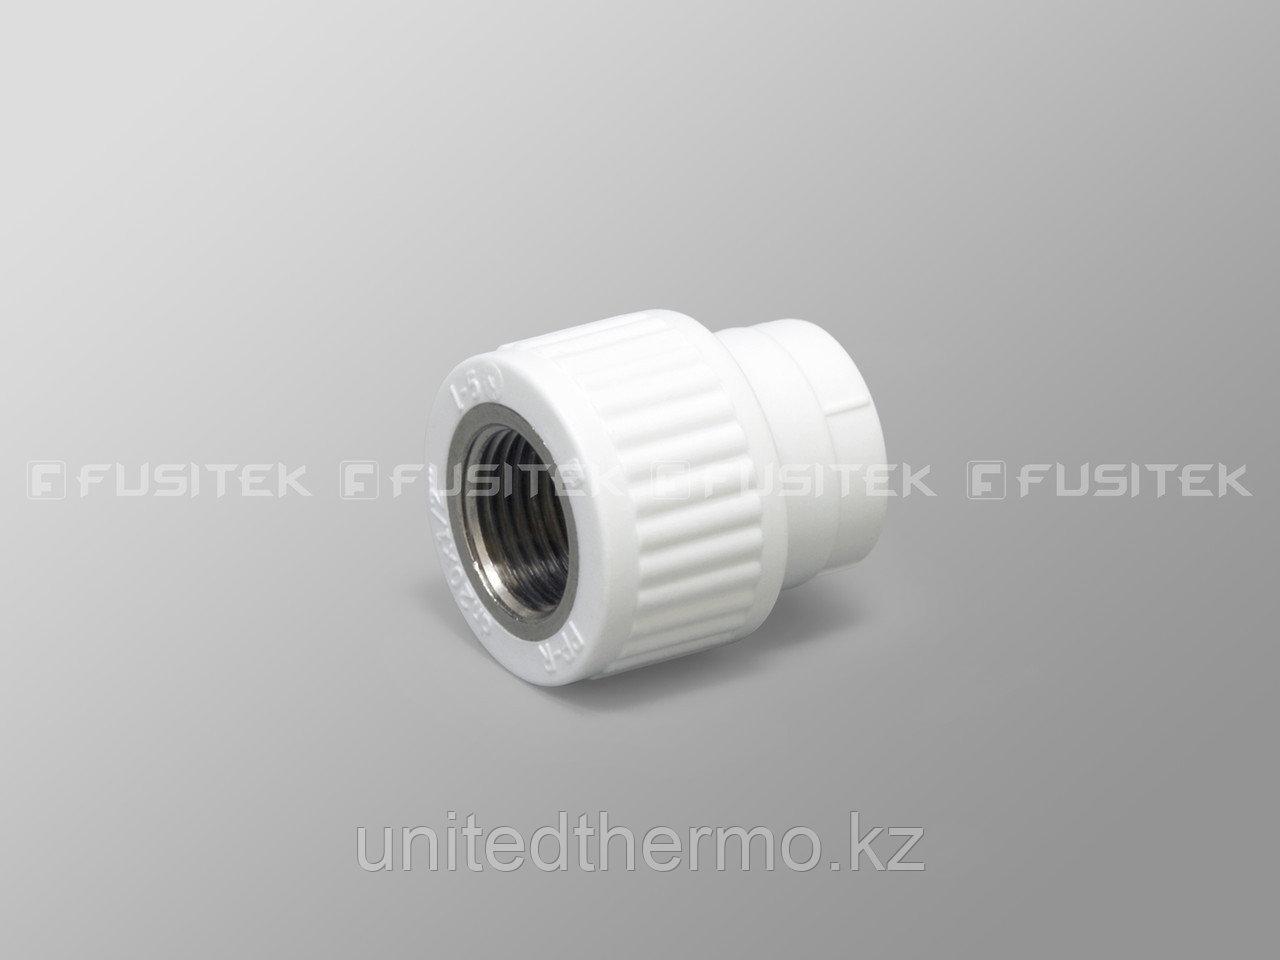 Муфта комбинированная ВР 50Х1 1/2 Fusitek